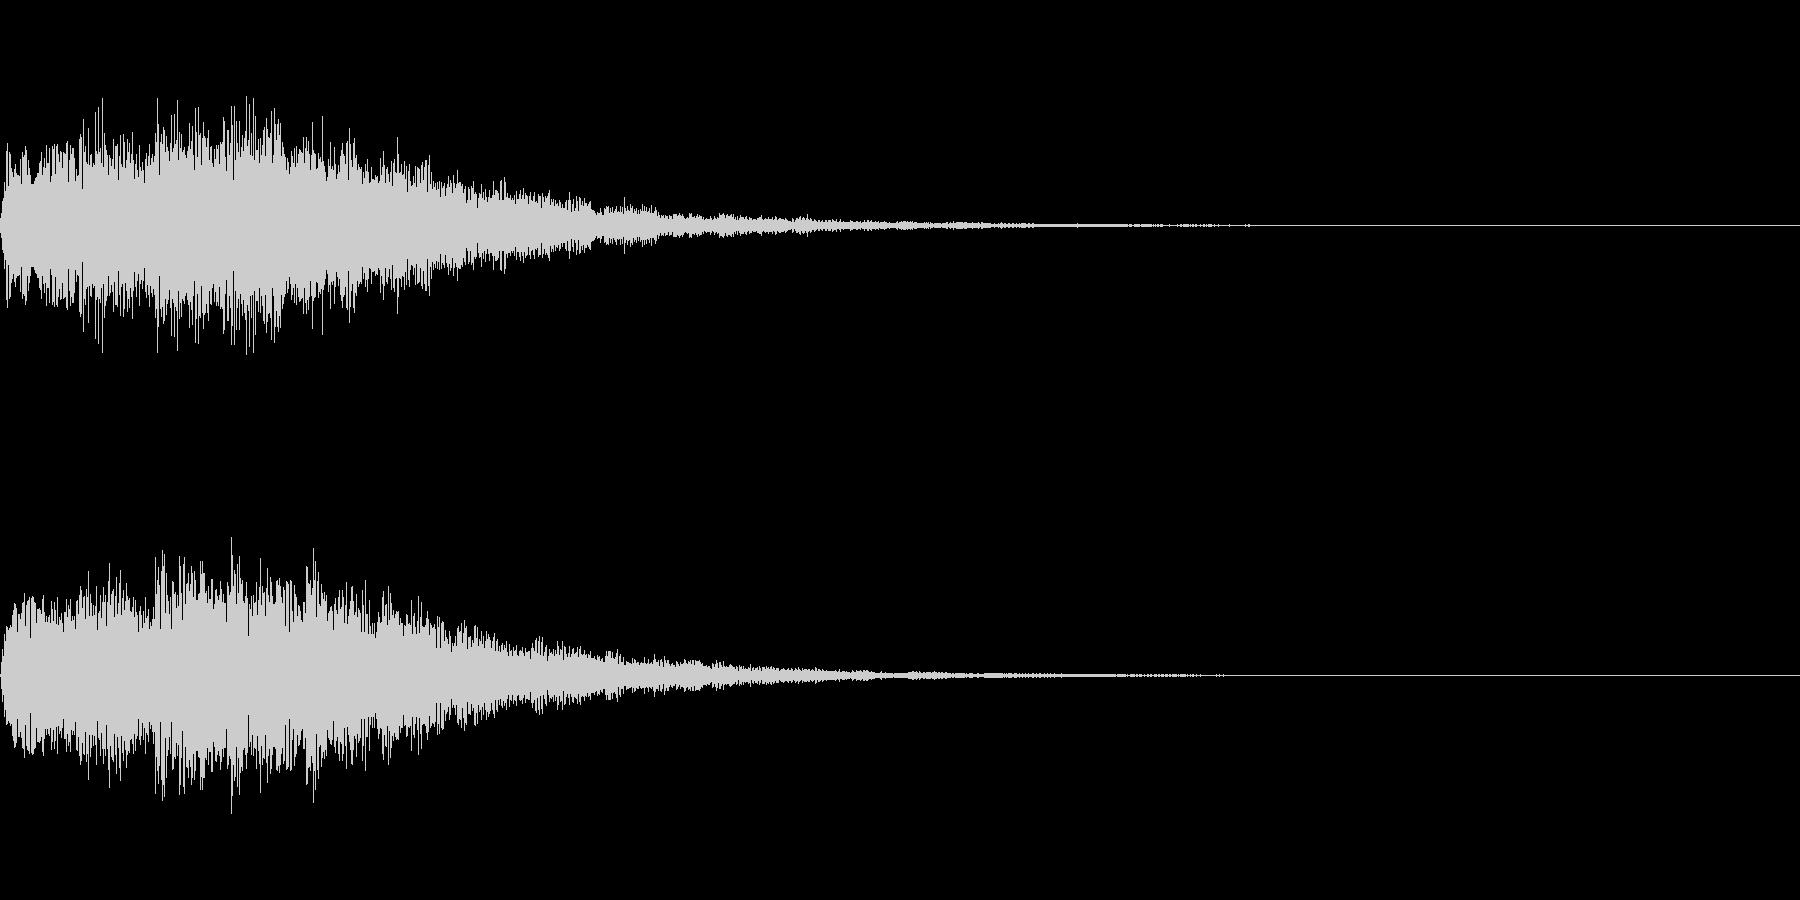 ゲーム/アプリ/起動/スタート/決定音の未再生の波形